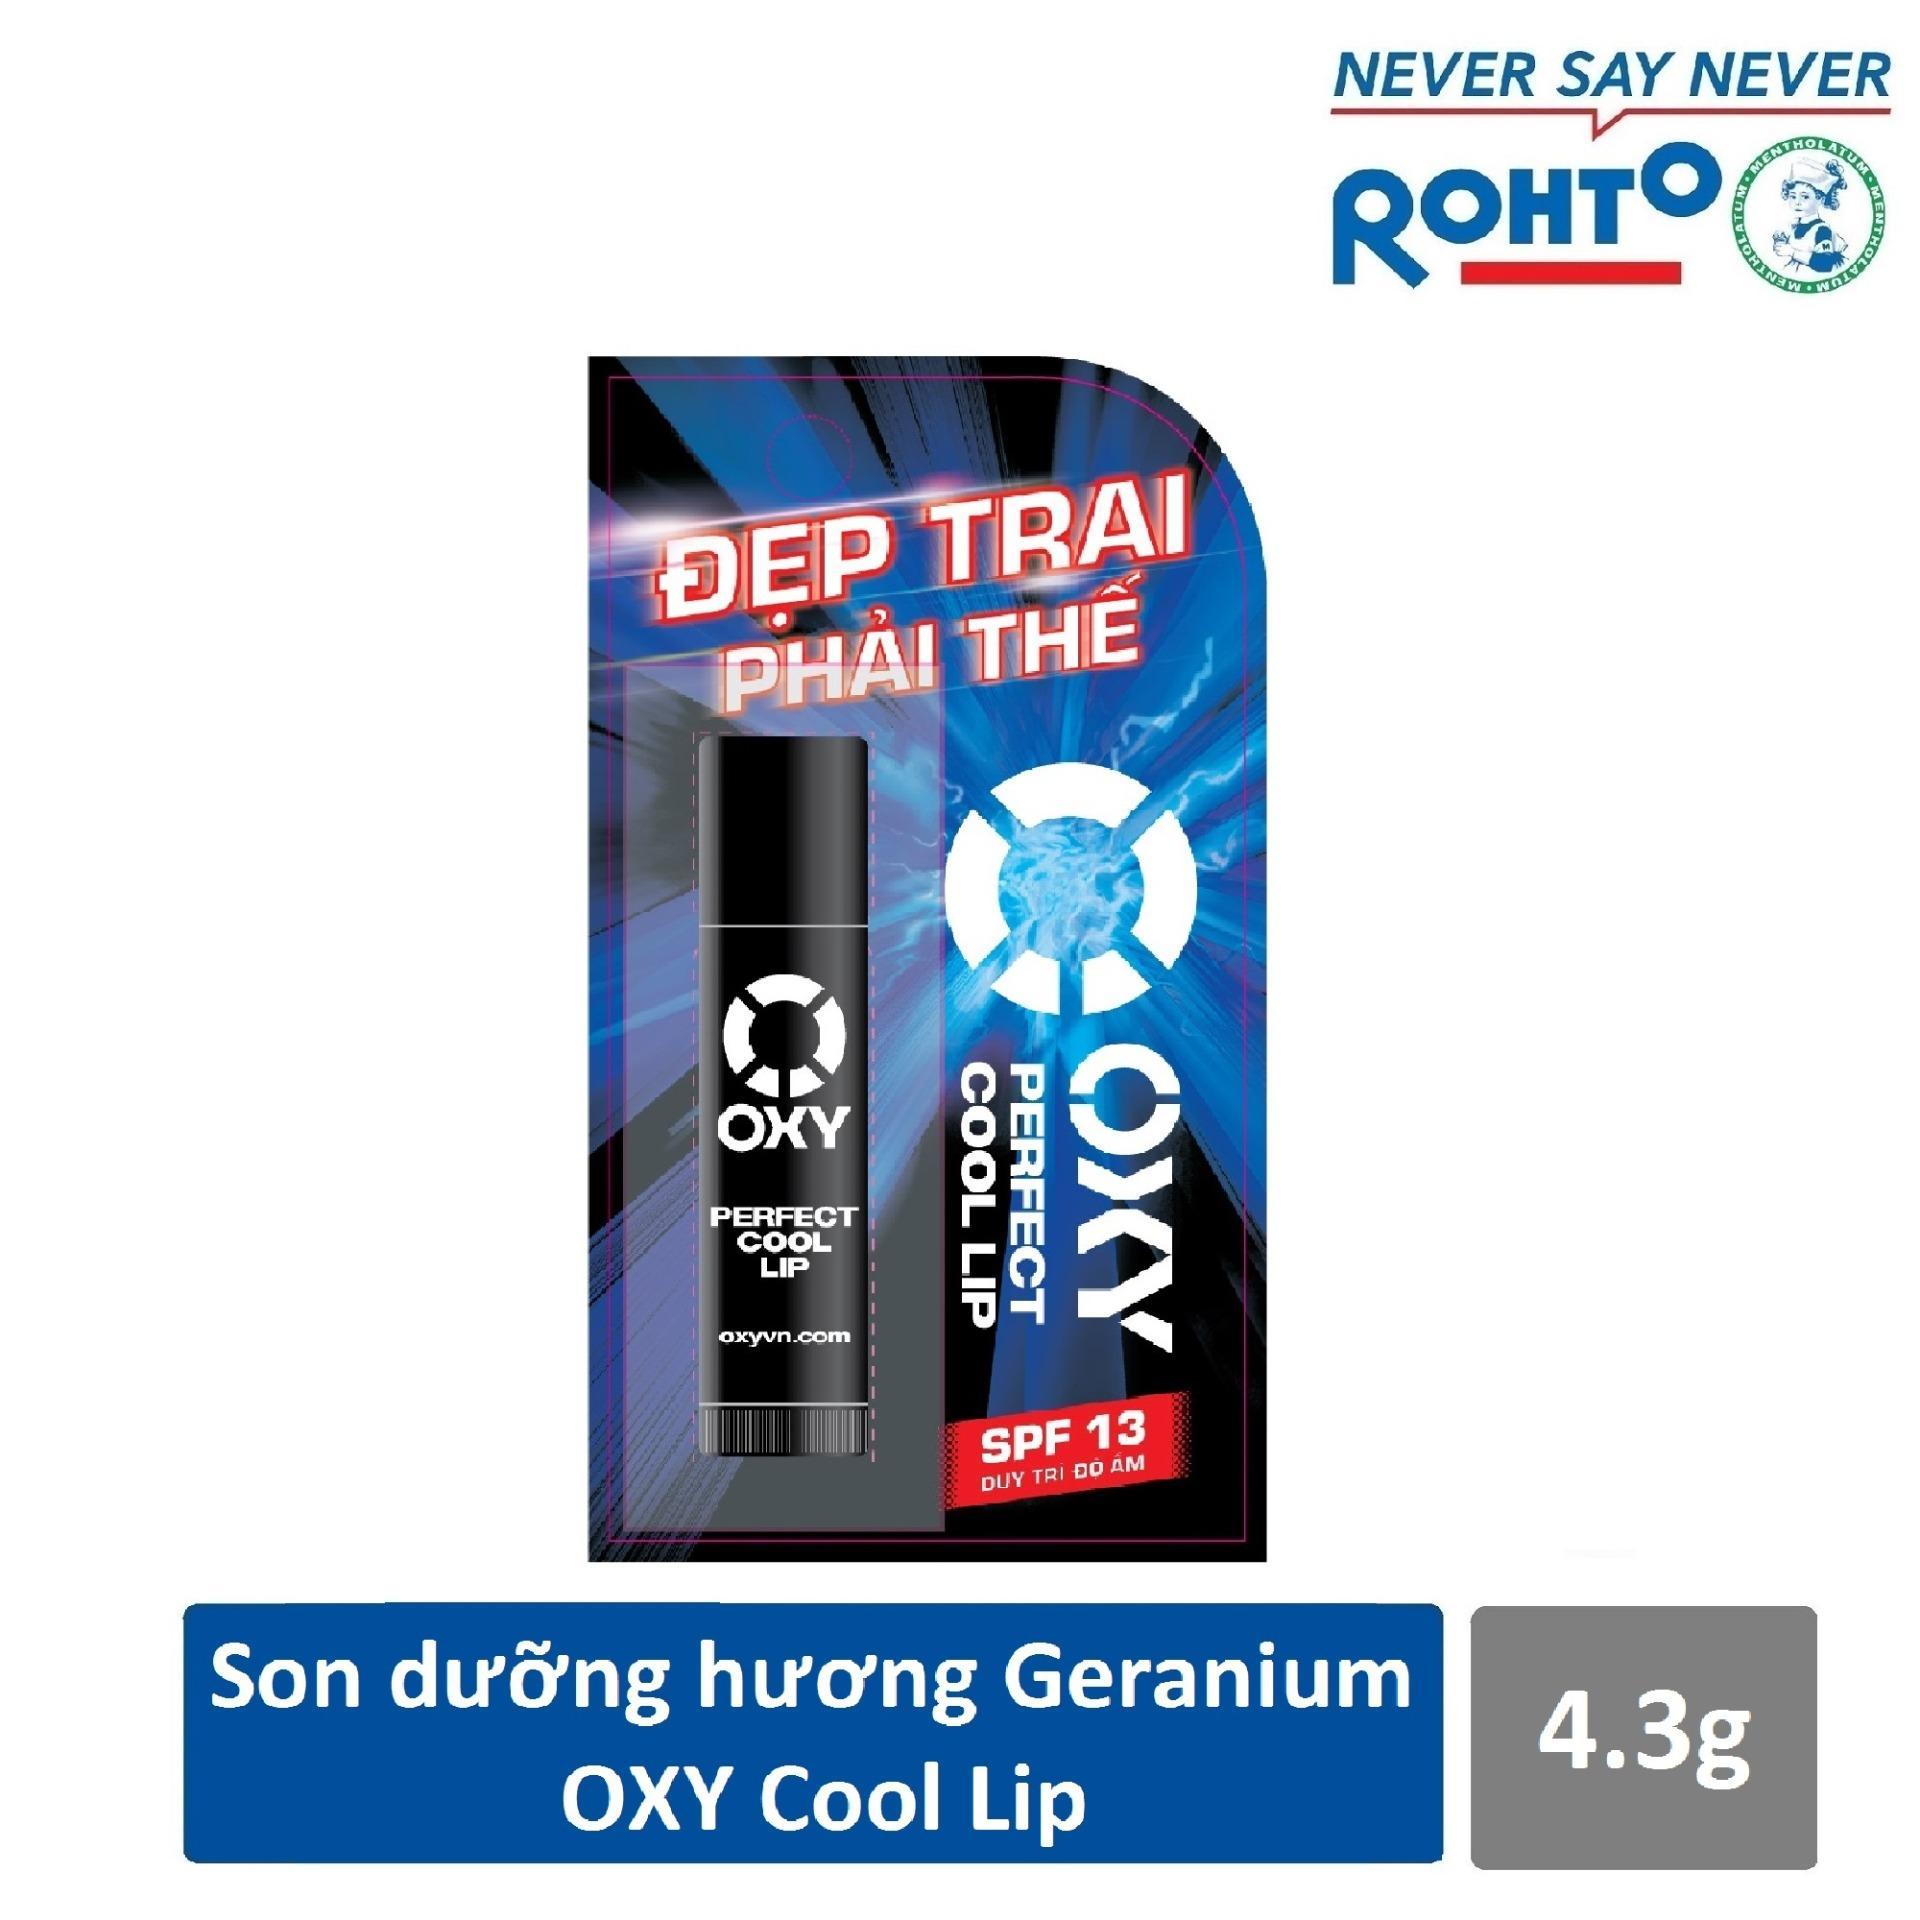 Son dưỡng dành cho nam Oxy Perfect Cool hương Geranium 4.3g